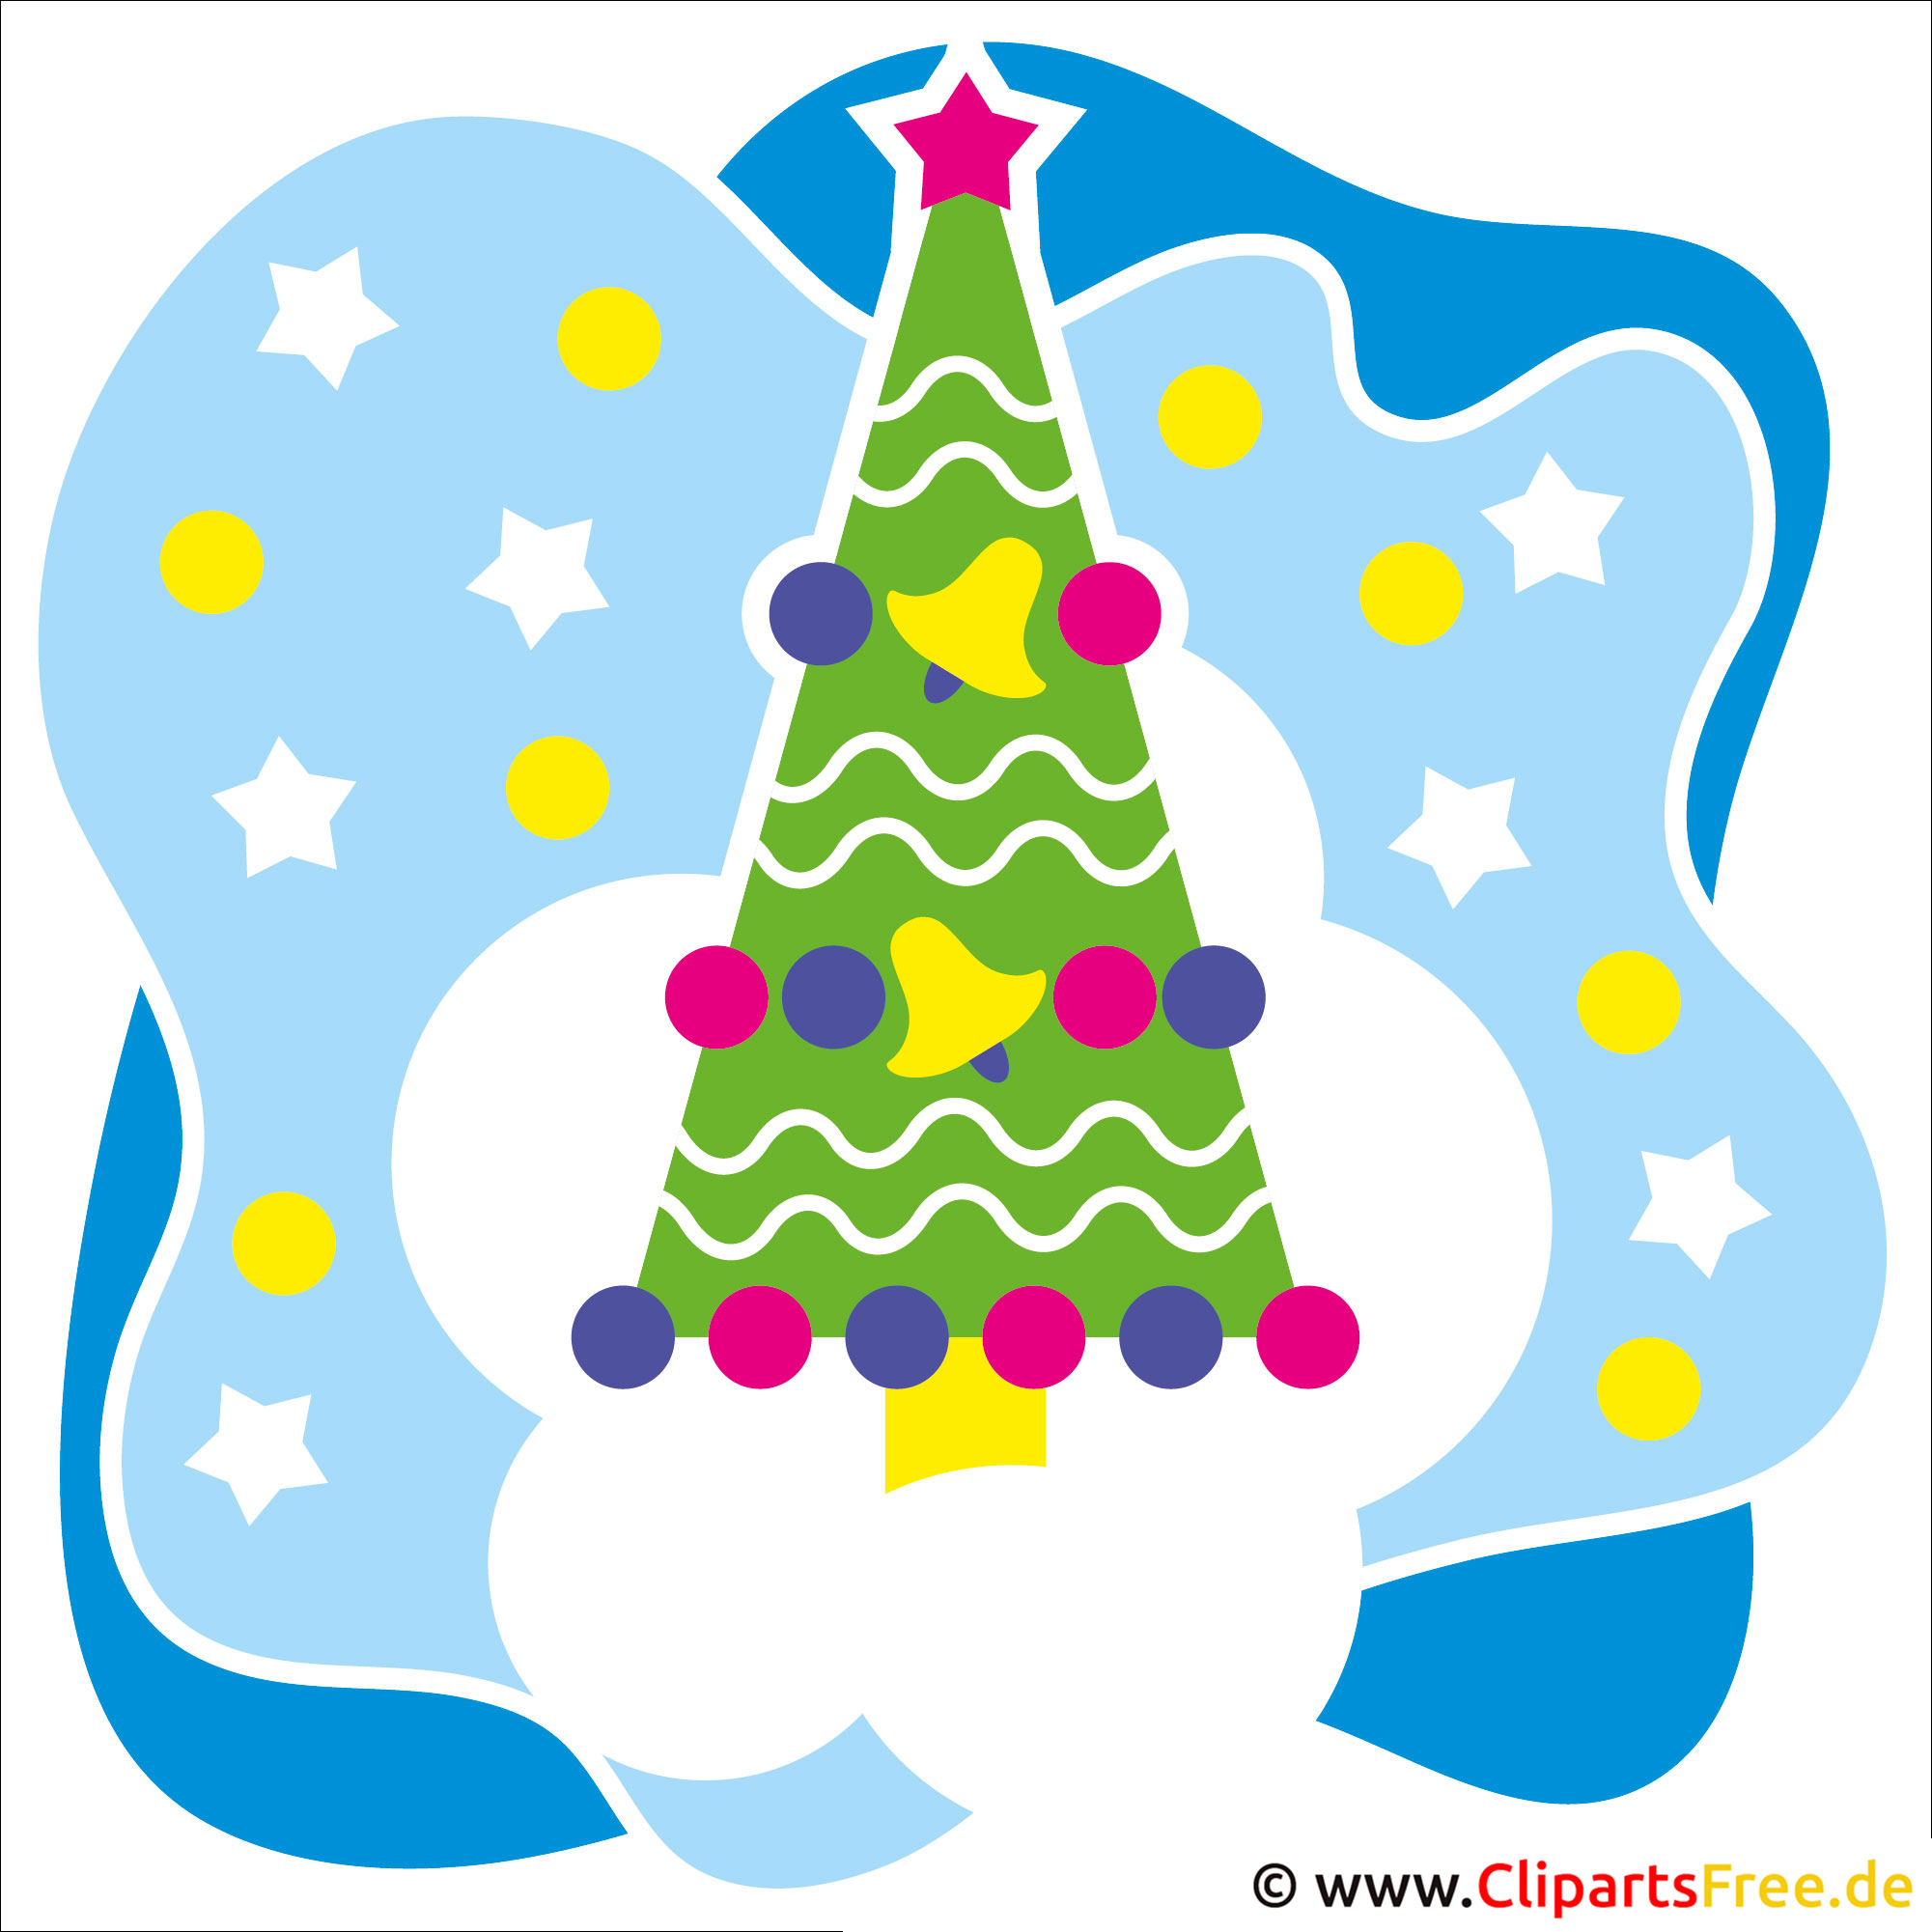 Clipart frohe weihnachten kostenlos - Cliparts weihnachten und neujahr kostenlos ...